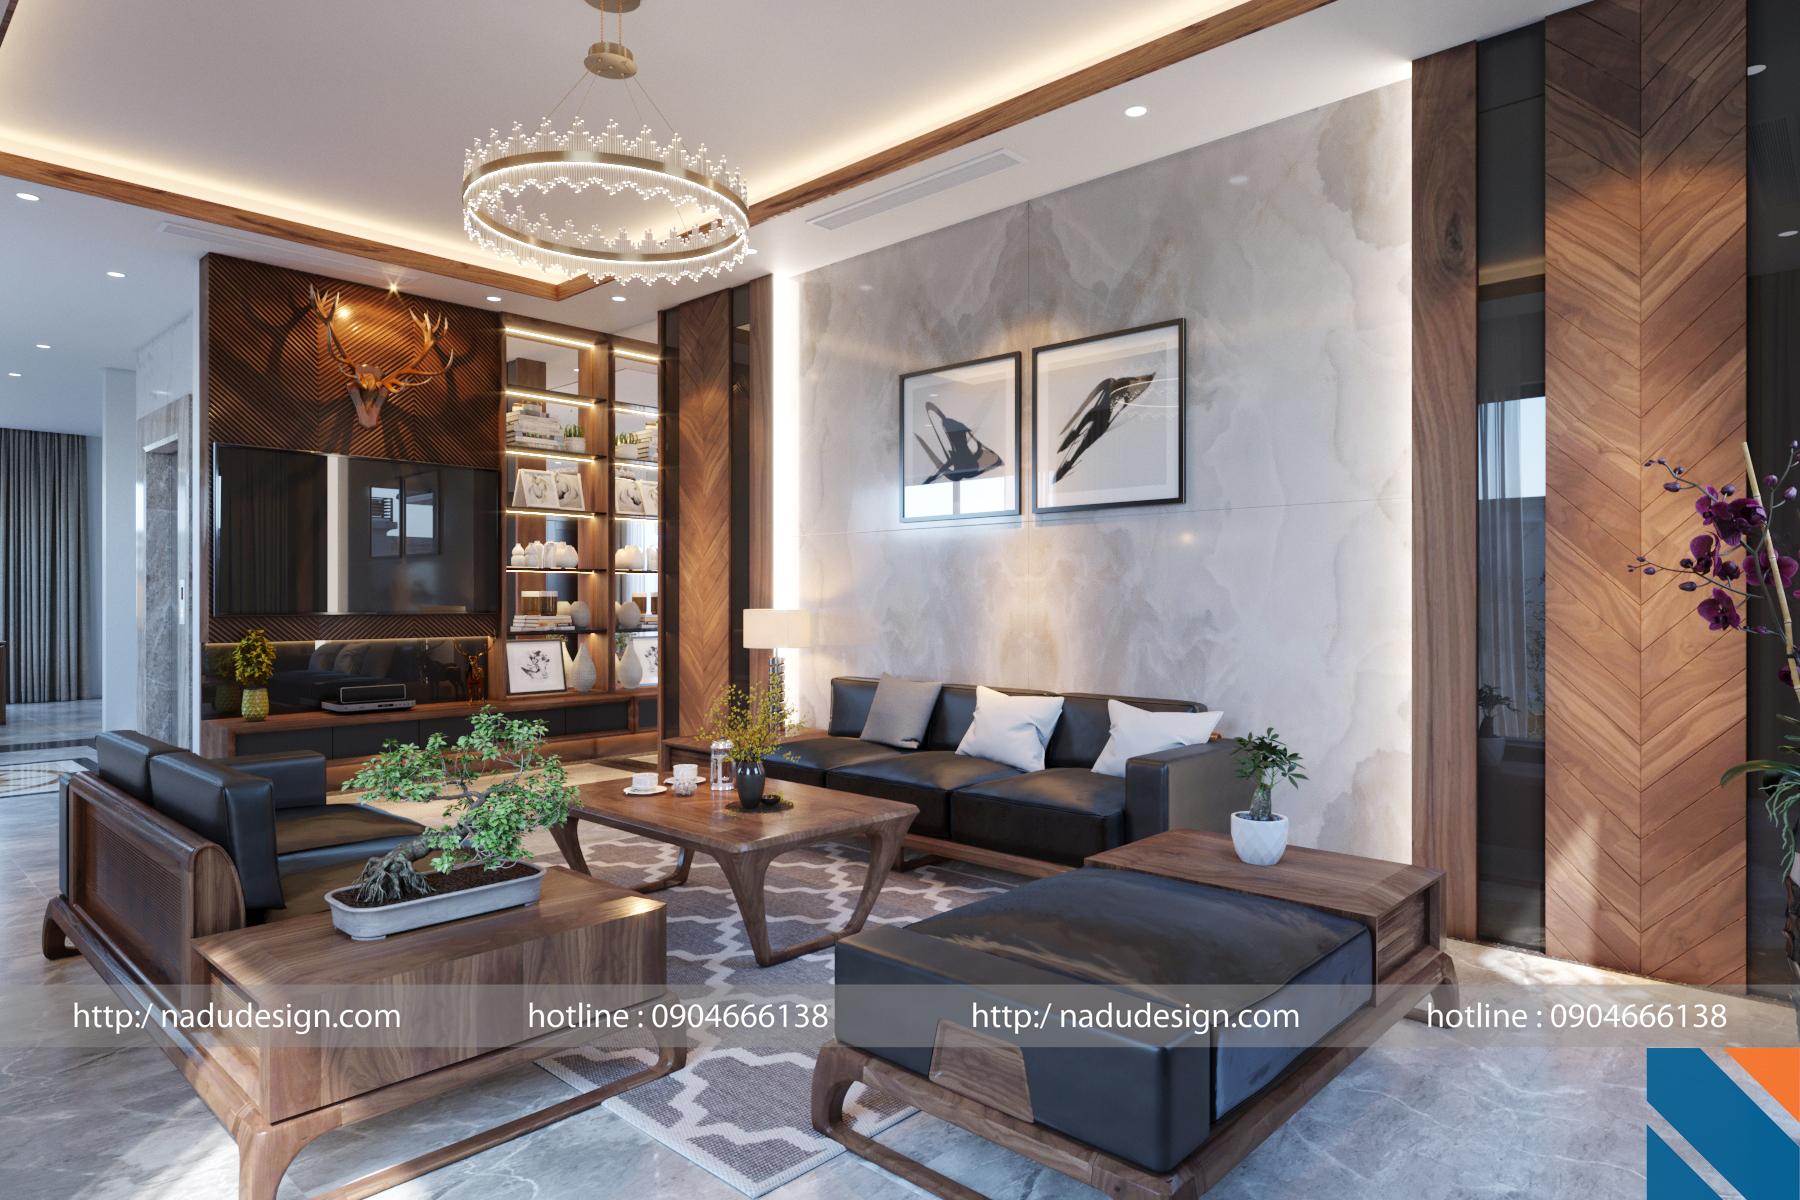 Đẳng cấp nội thất gỗ óc chó – Công ty kiến trúc nội thất cao cấp NaDu